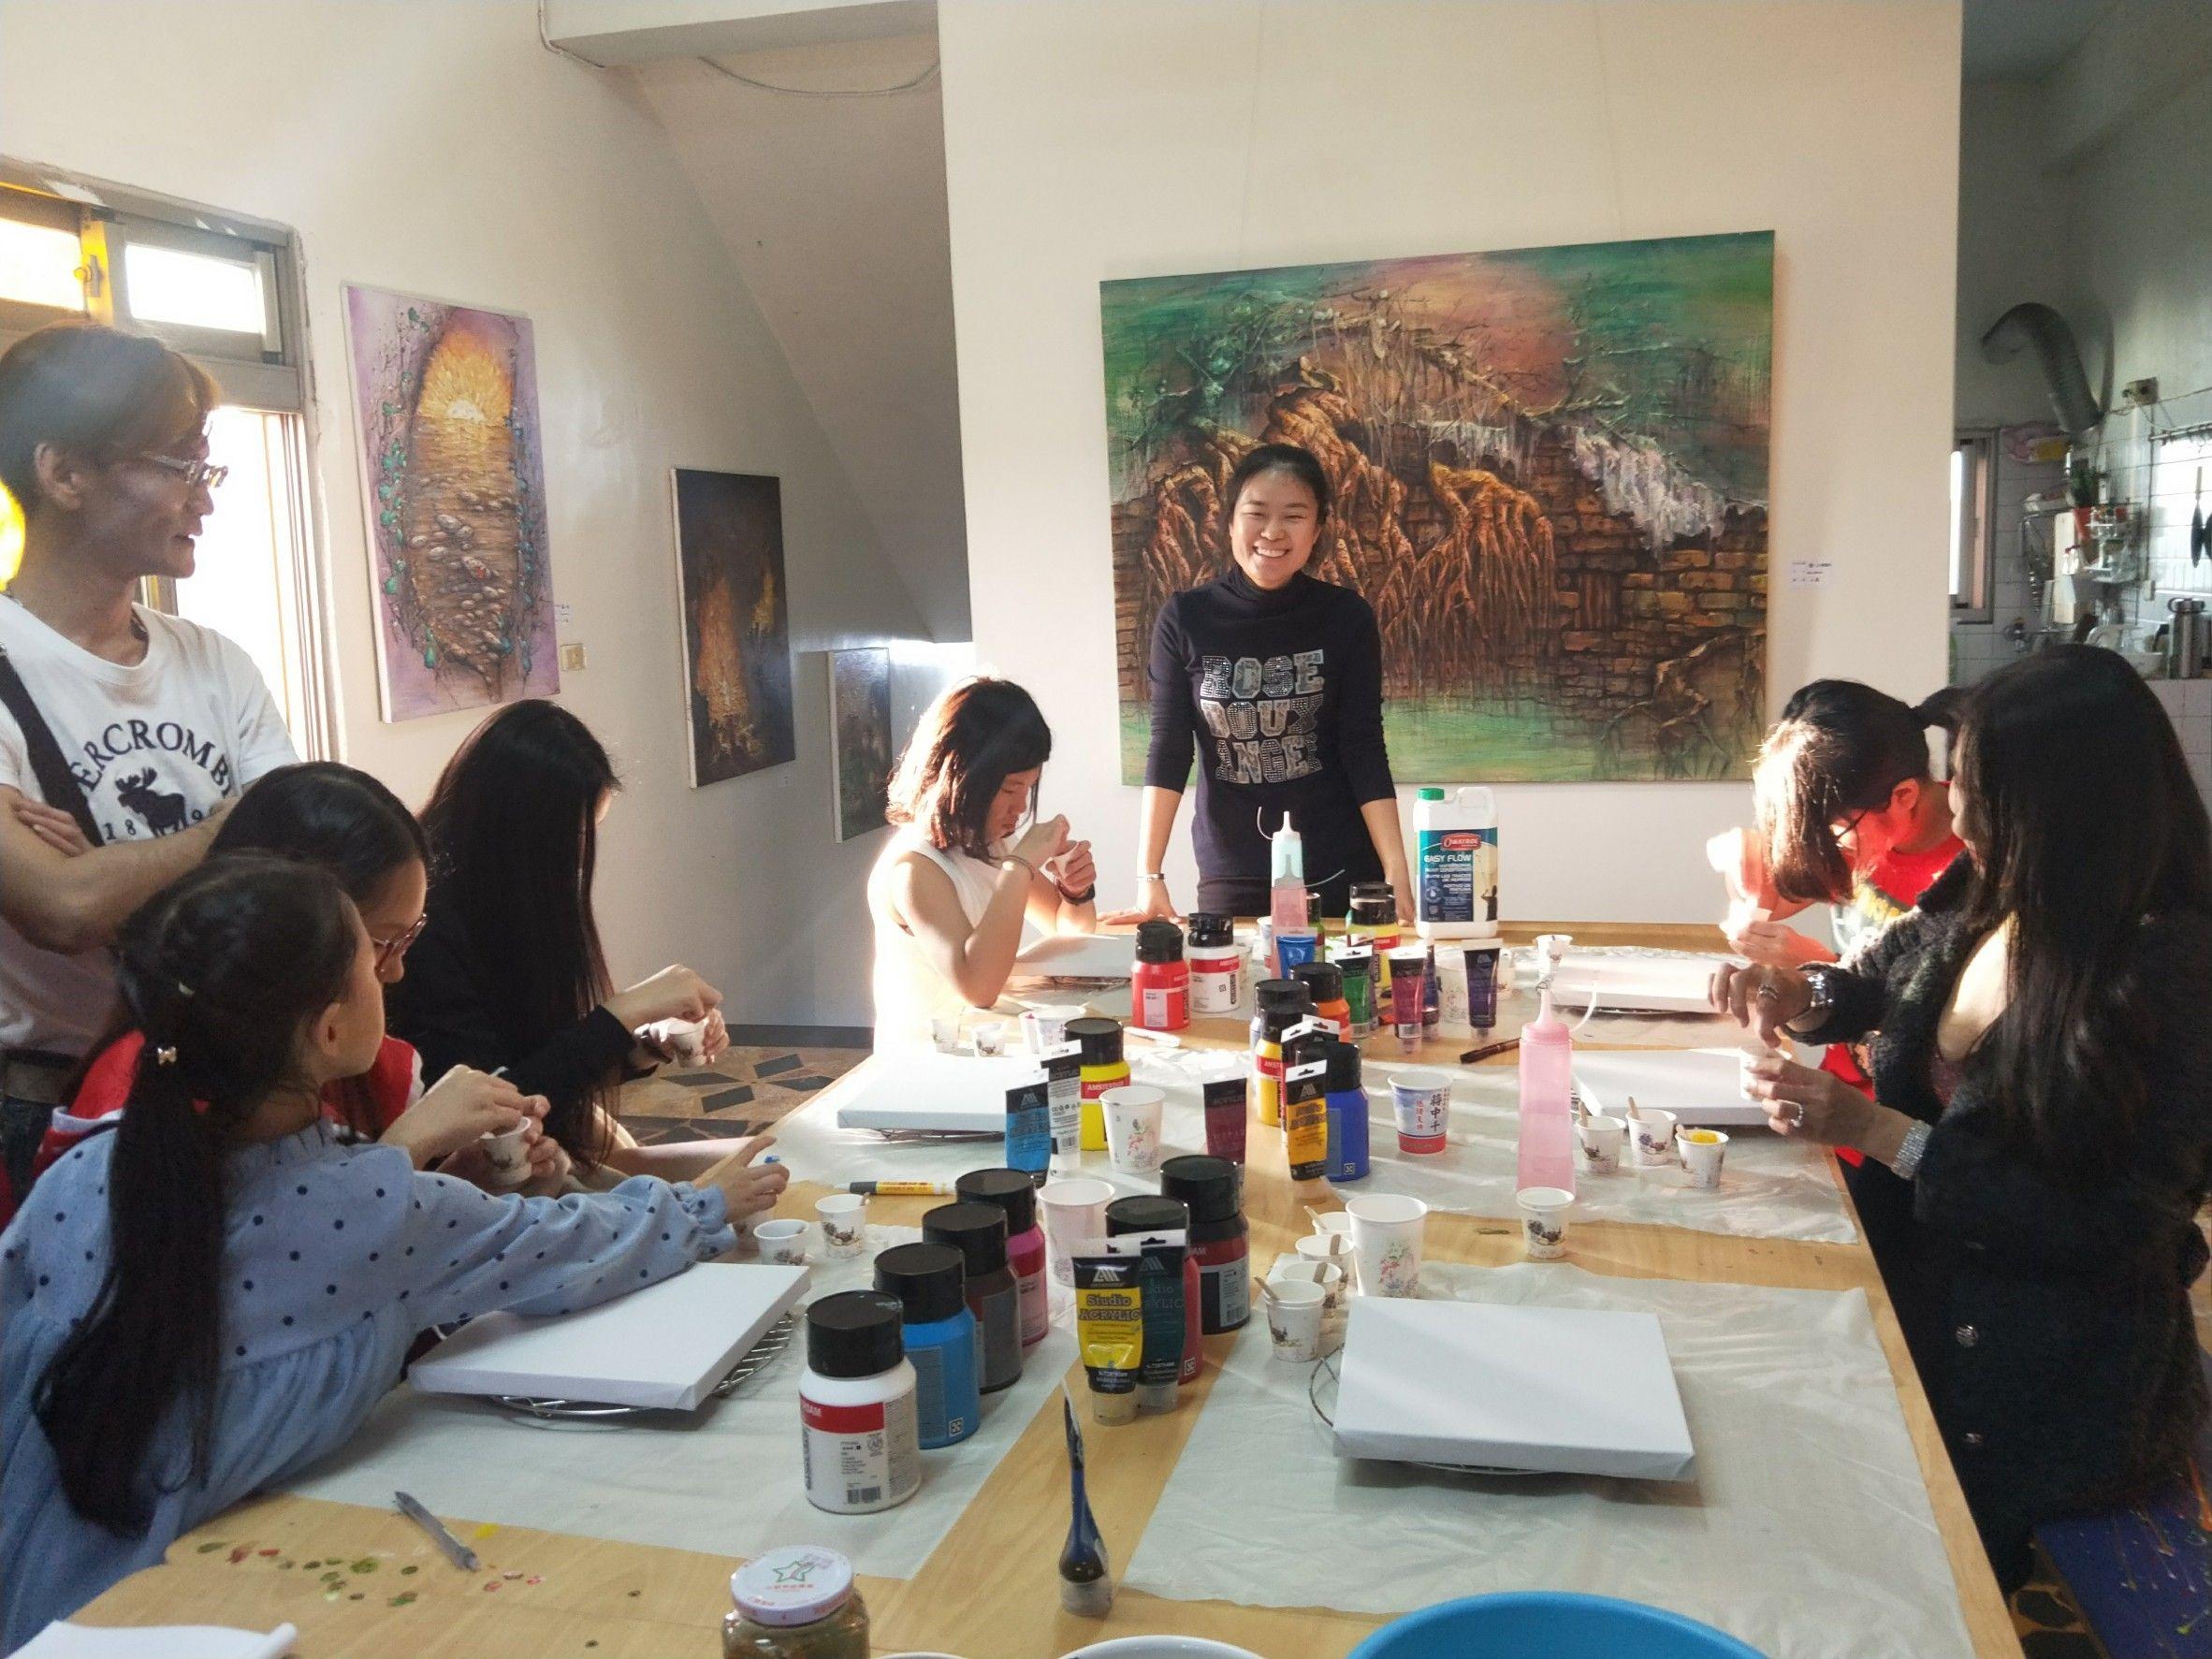 梁全威畫室及二娟彩藝教室 學員學習照片畫片